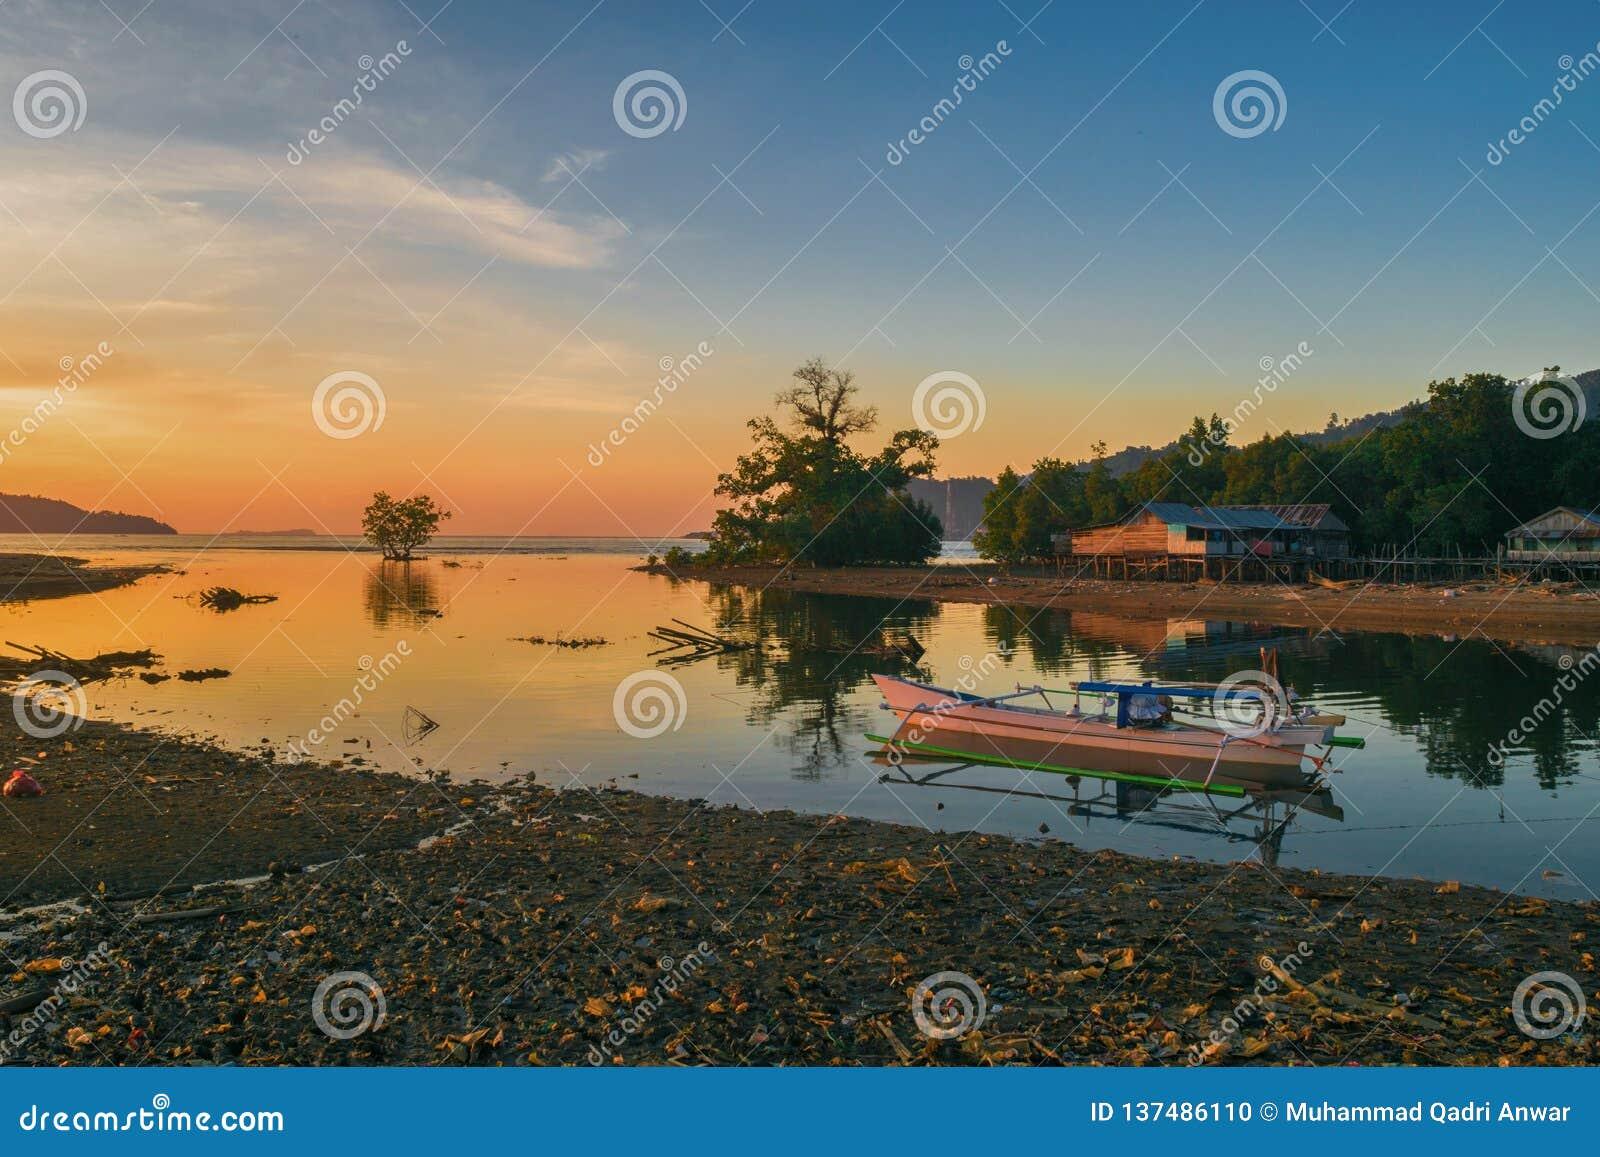 Ein schöner Sonnenuntergang aber das Stören verursachten durch Strand, das durch Plastik verunreinigt werden, dass Leute zu ihrem